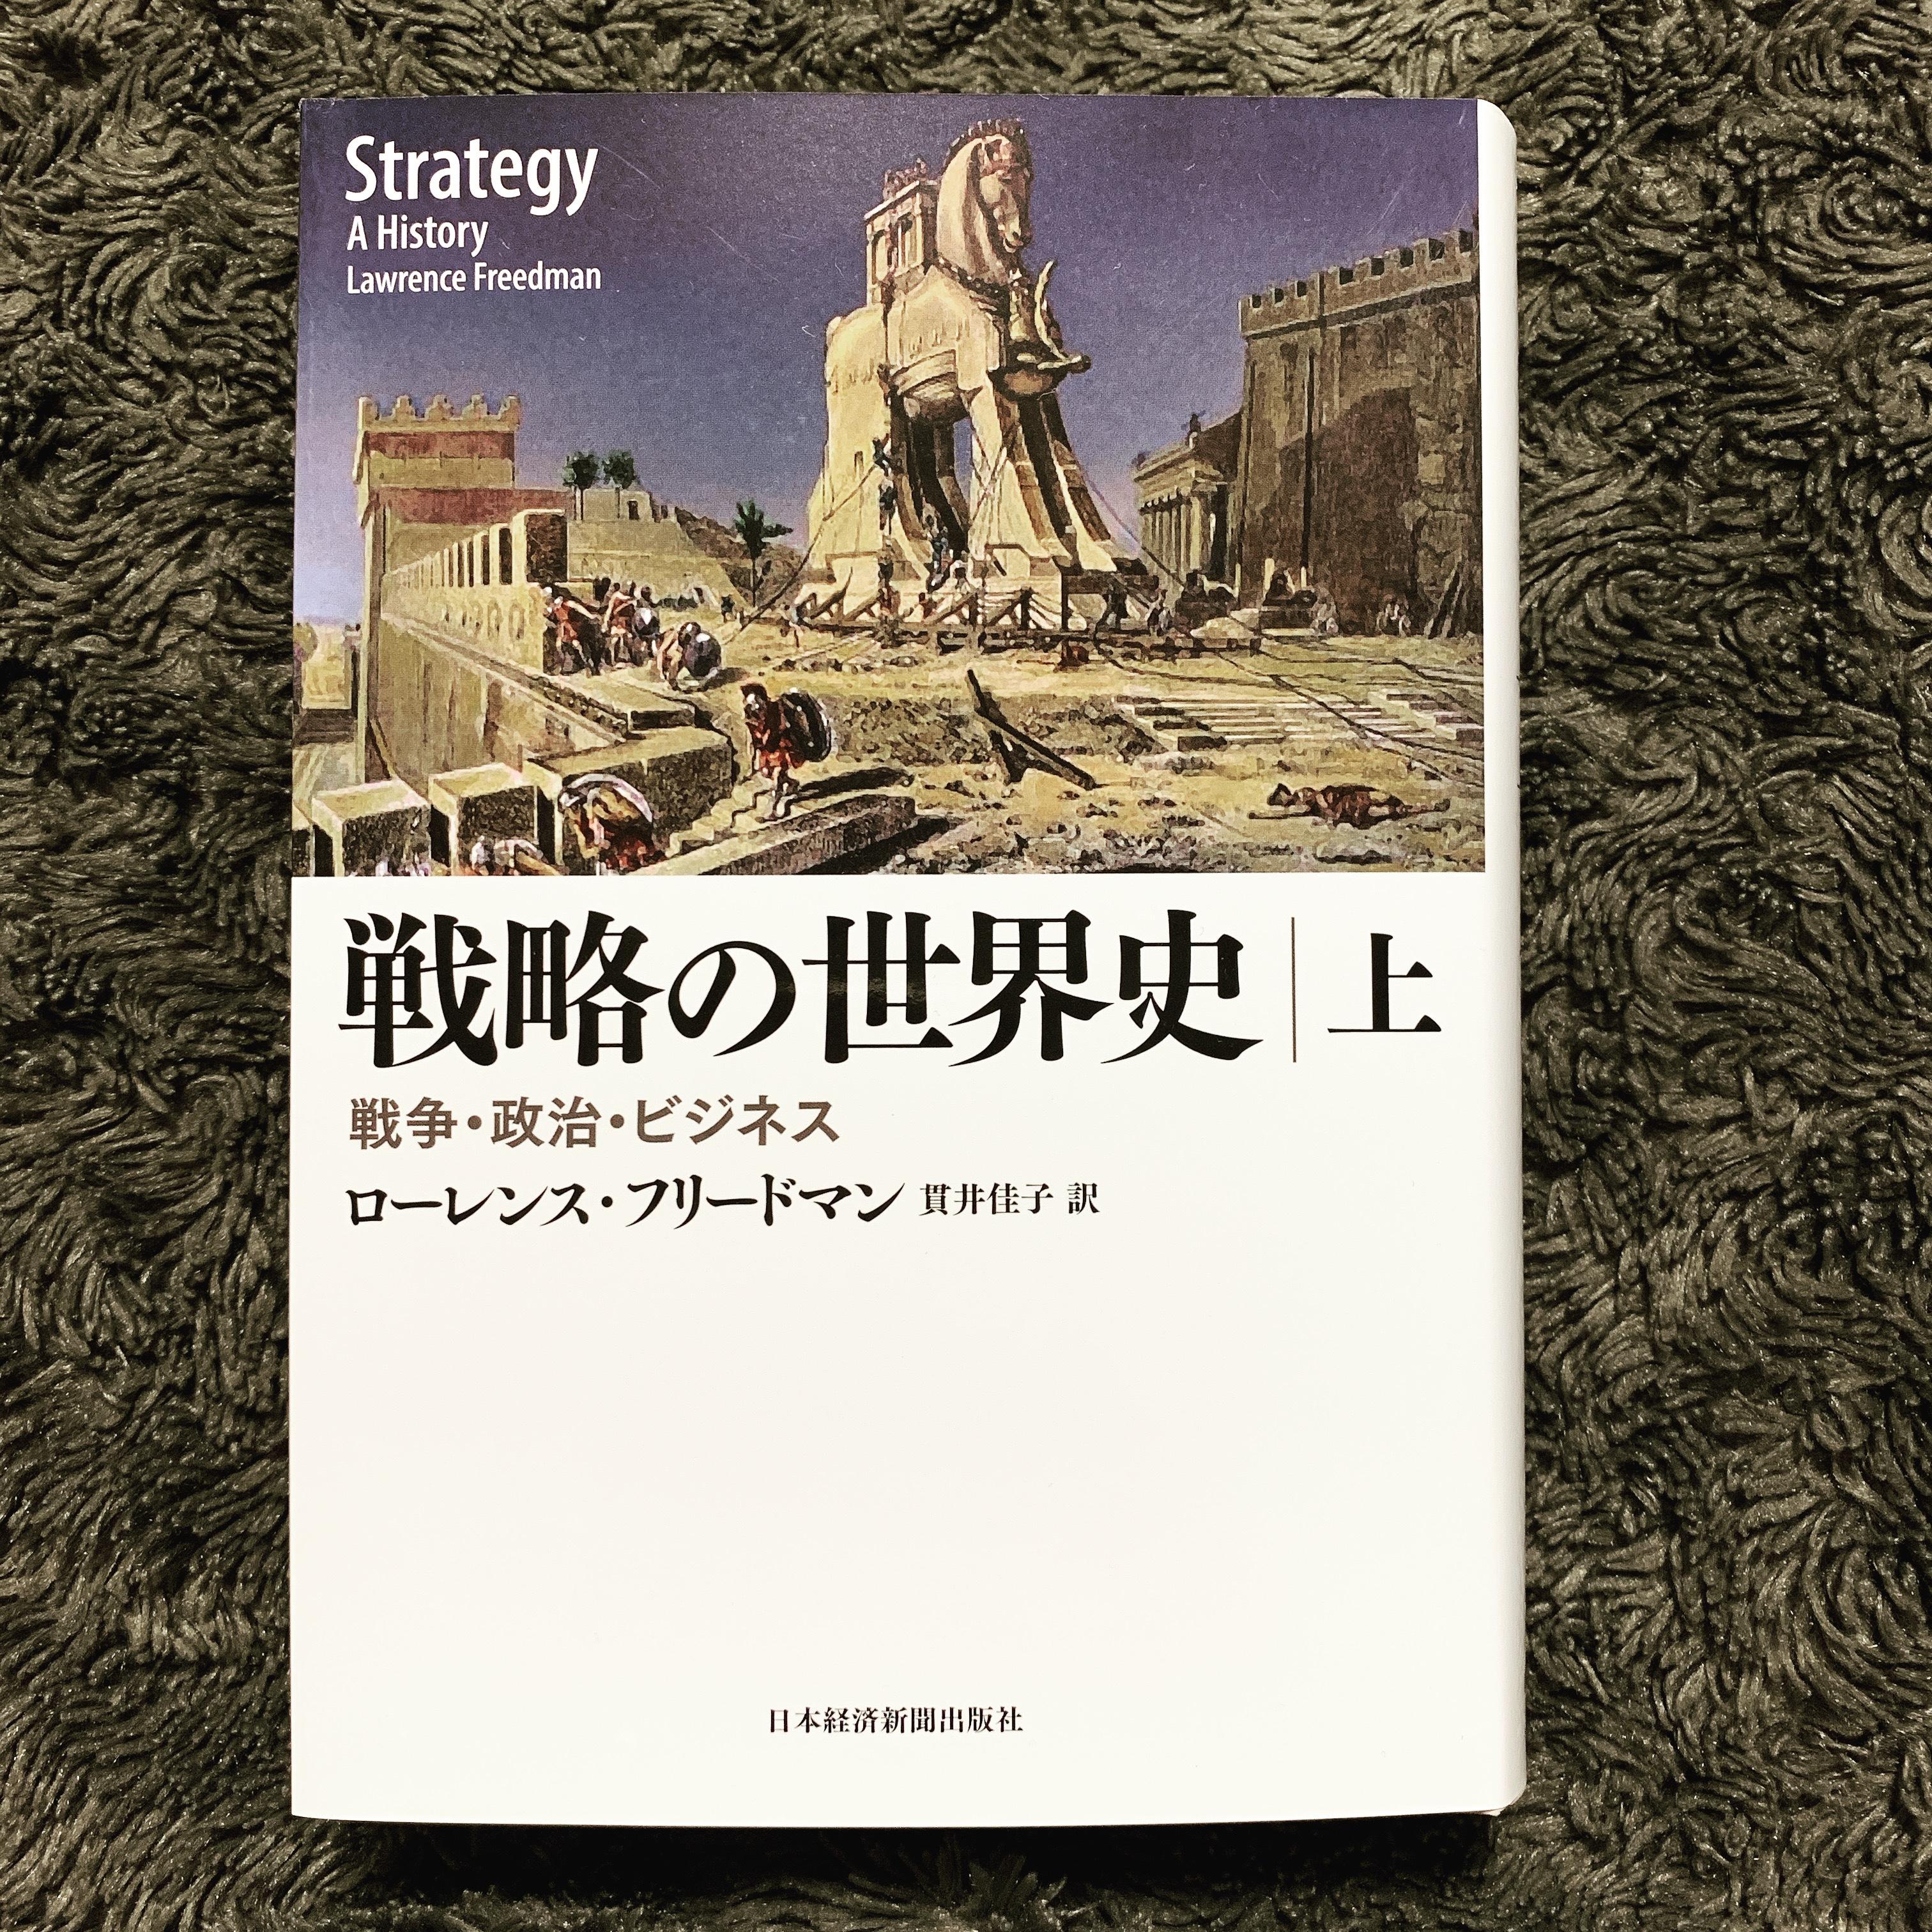 戦略の世界史 上